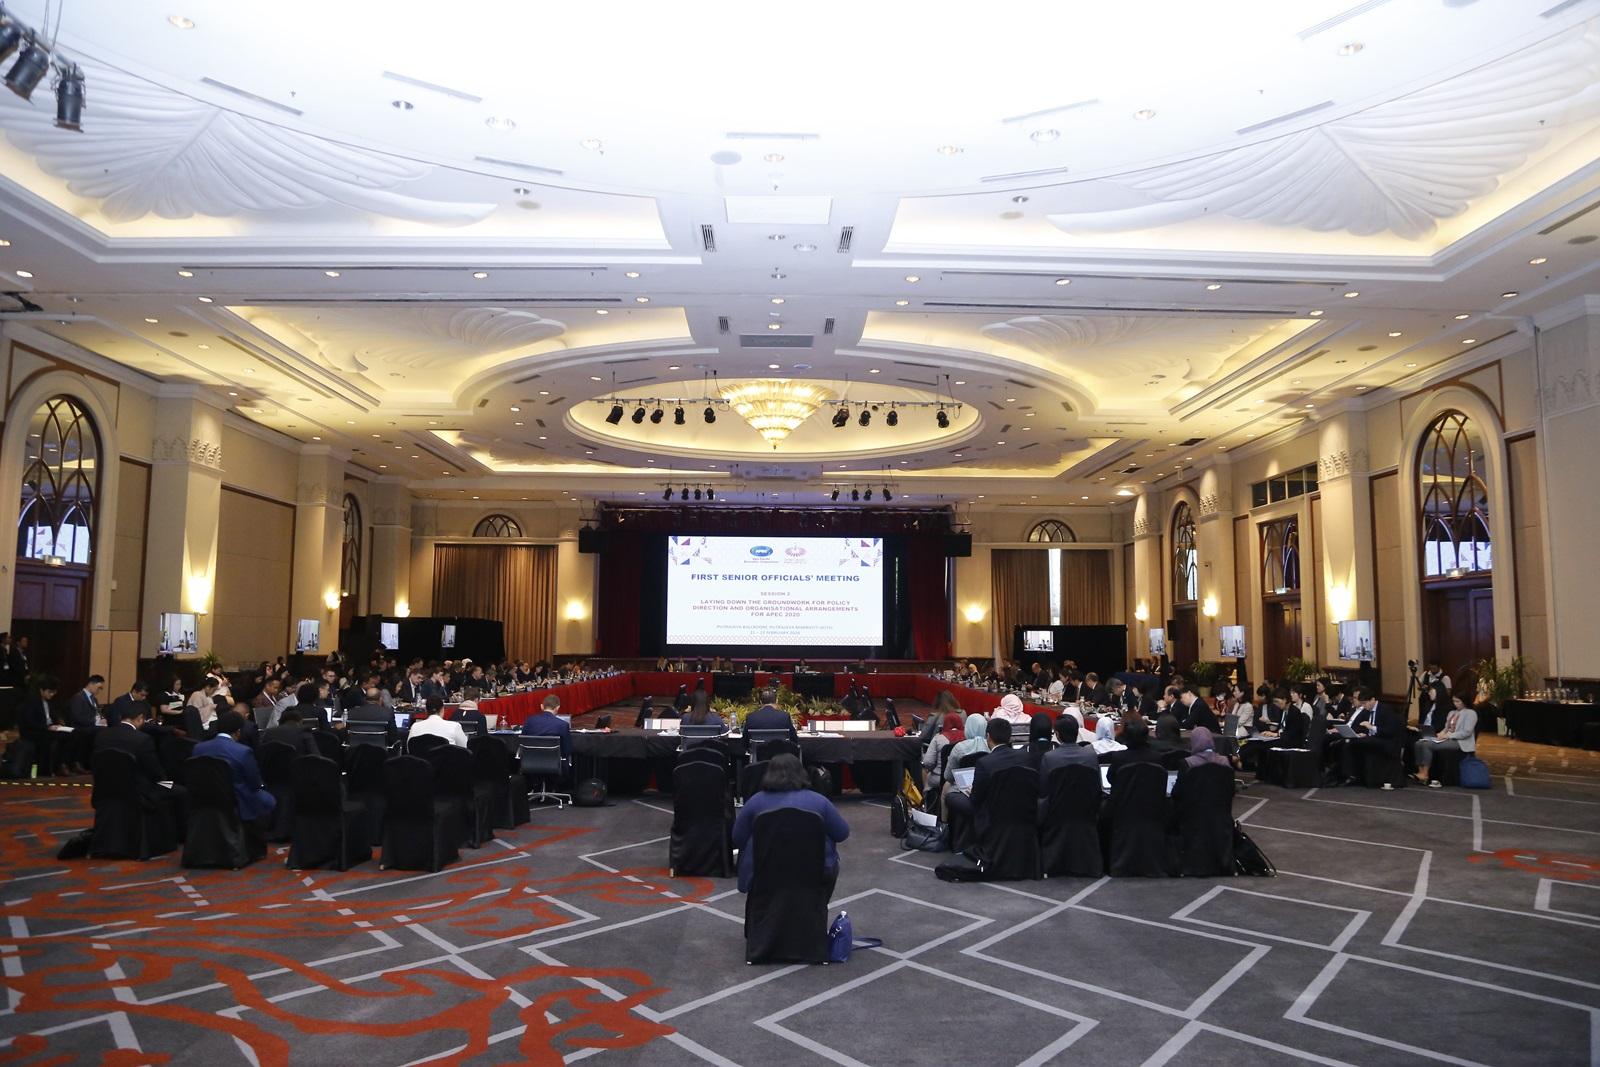 APEC經濟領袖會議週將登場 各國線上參與的標題圖片